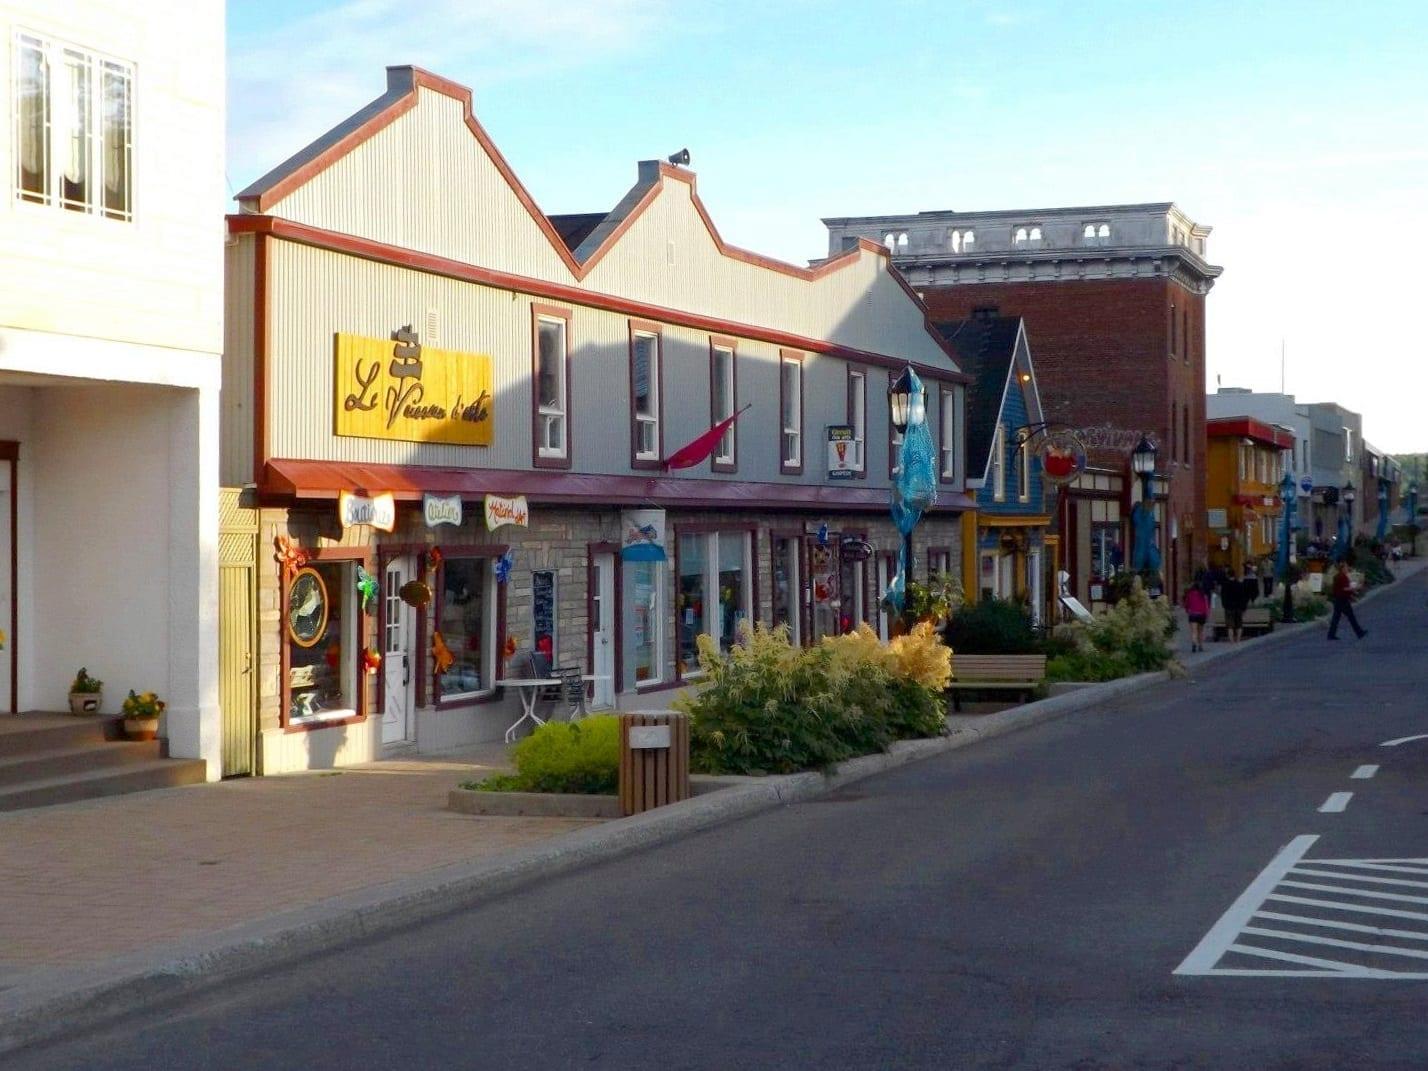 La Rue de la Reine es la principal calle comercial y de restaurantes del centro de Gaspé. Gaspé Canadá